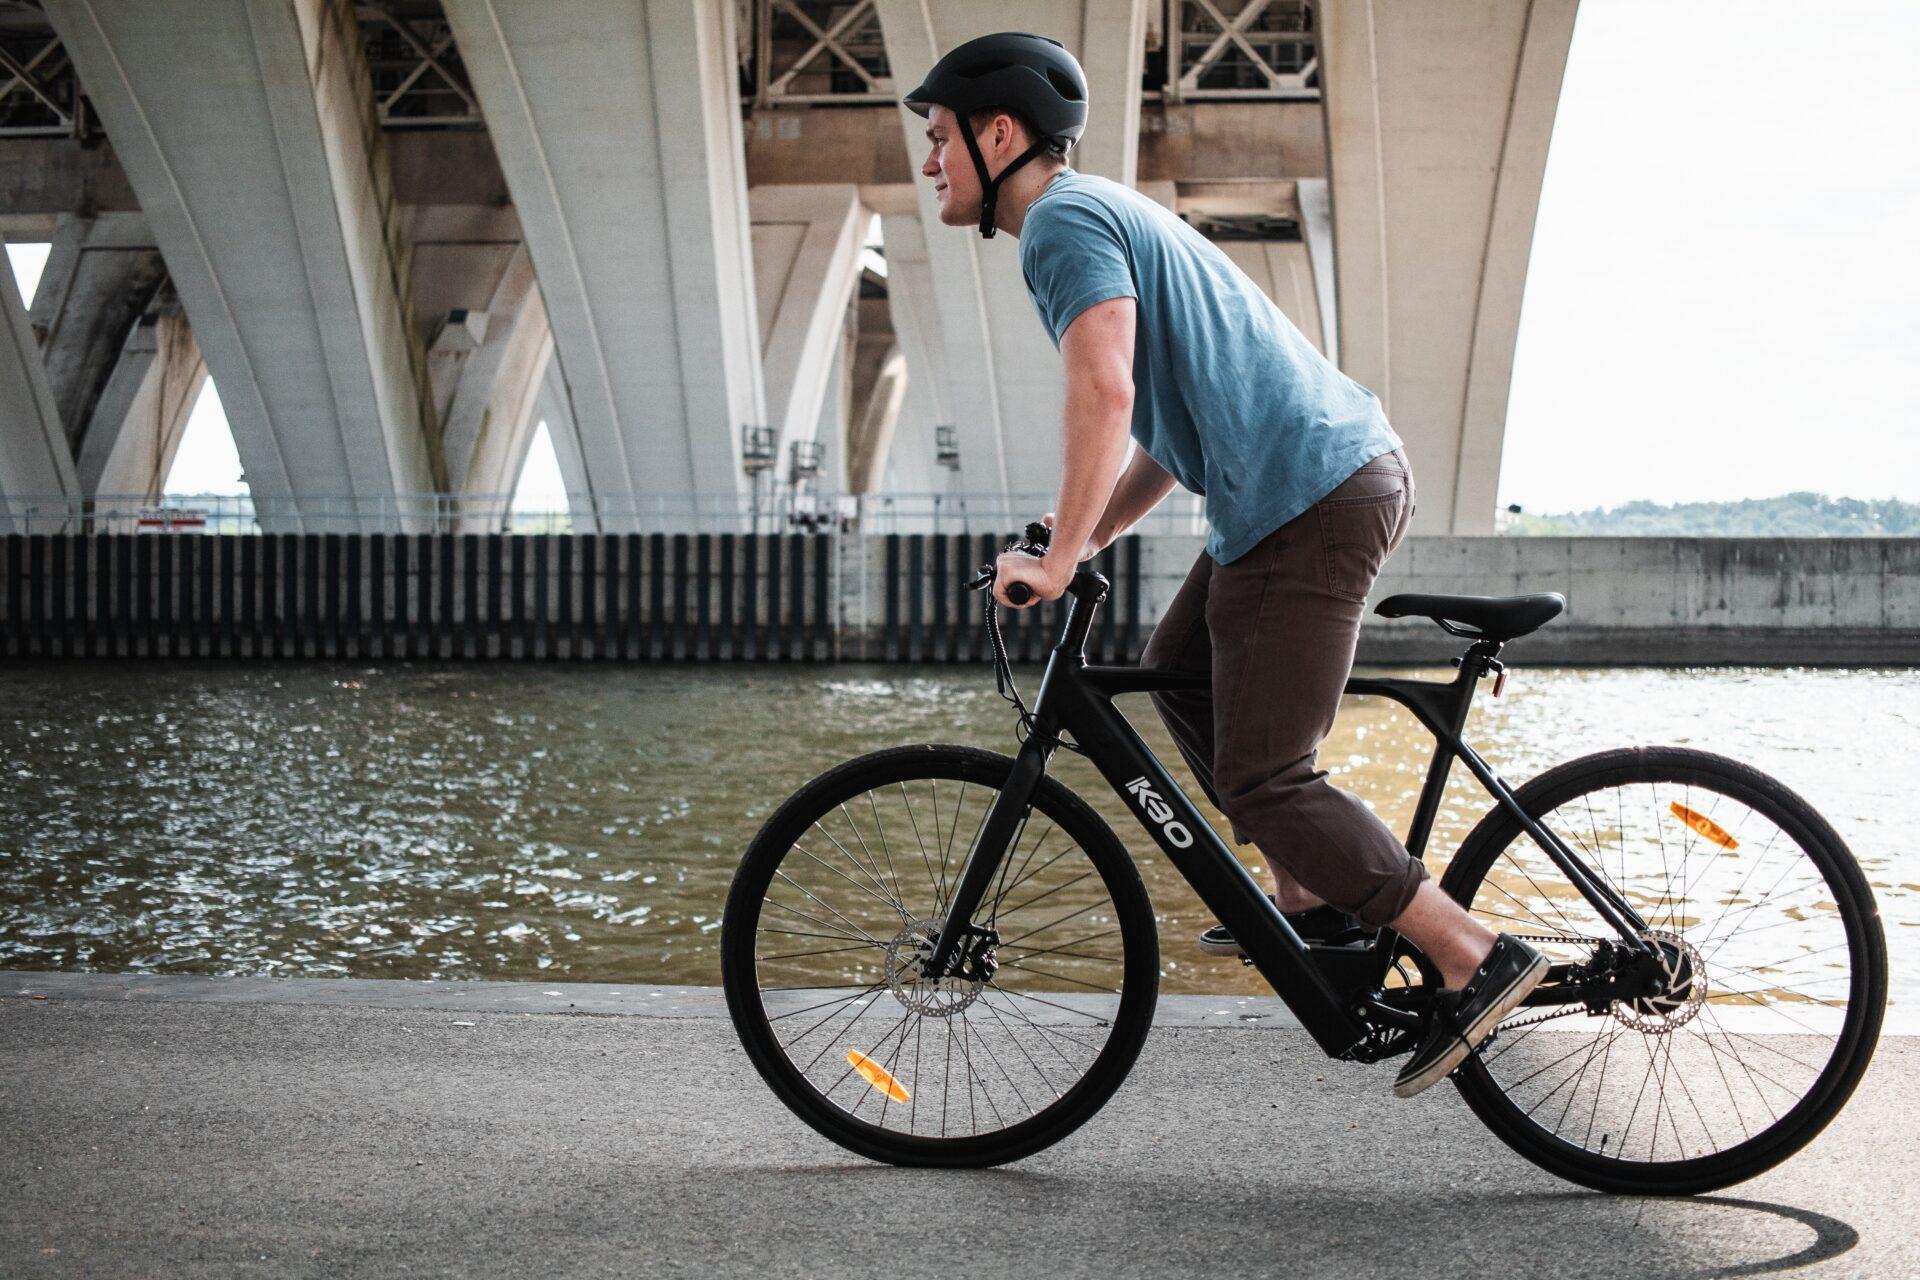 Θεσπίζονται κανόνες κυκλοφορίας για e-bikes και ηλεκτρικά πατίνια - Cars  Electric